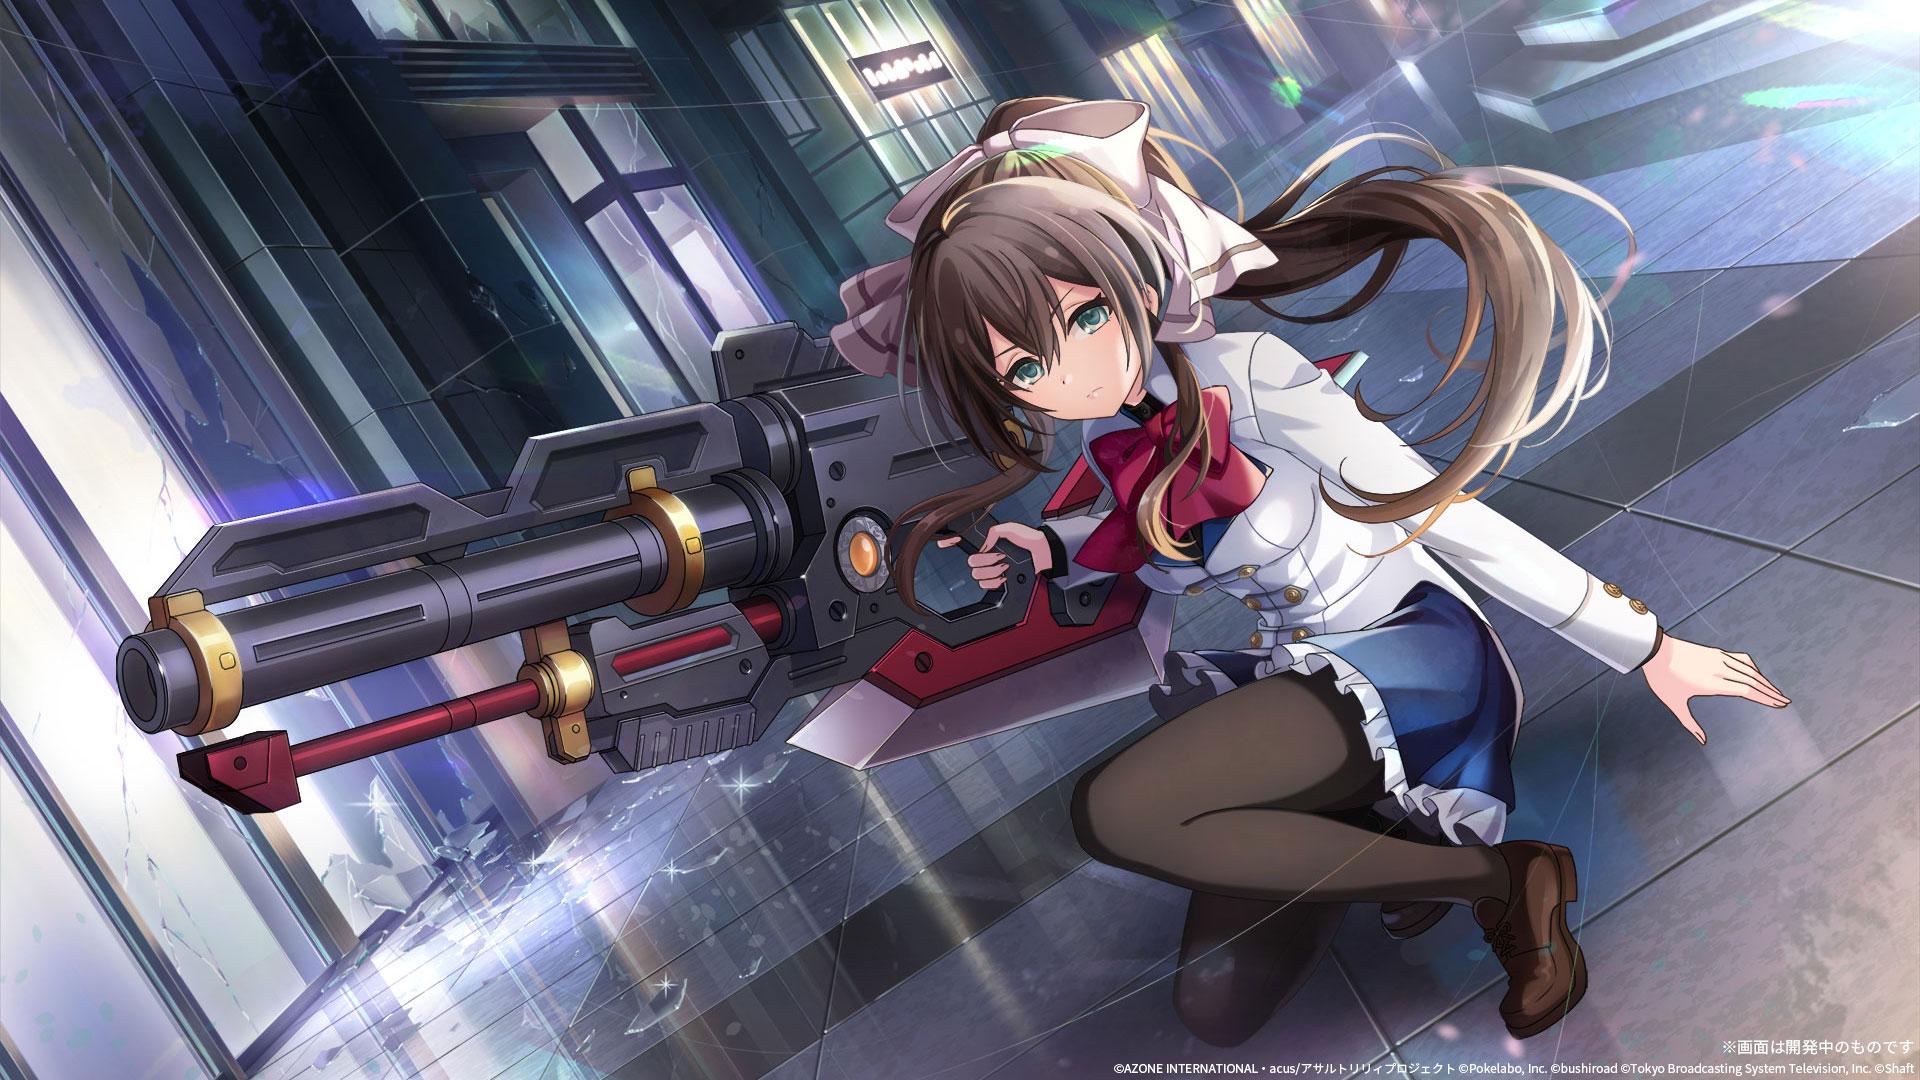 なんでオタクって「女の子が巨大な武器を手に戦っている」みたいなシチュエーション好きなの?